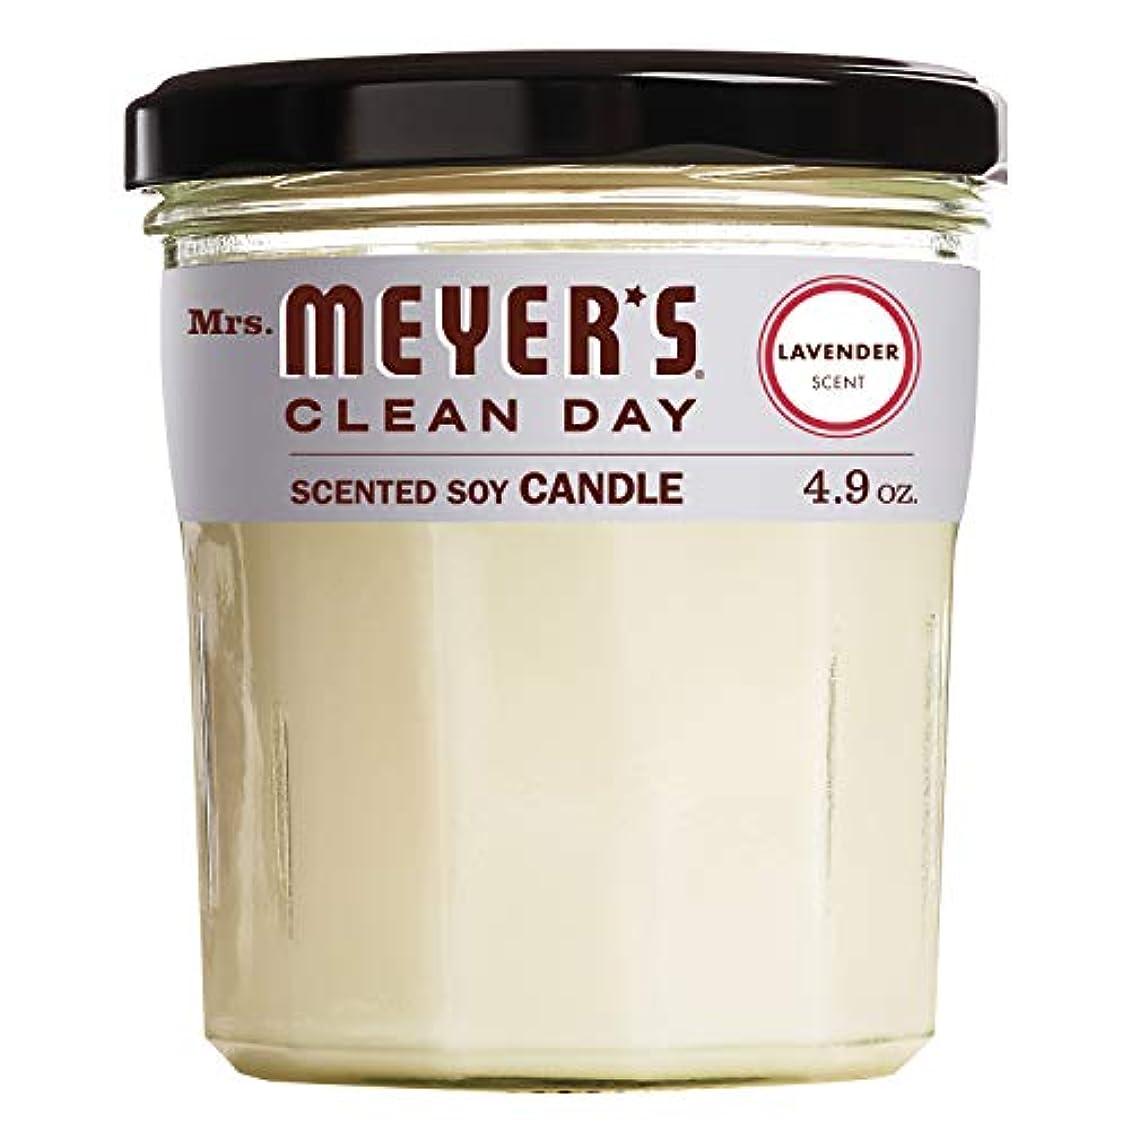 ハンマー岸なめるMrs. Meyer's Merge Clean Day Scented Soy Candle, Lavender, Small, 4.9 Ounce by Mrs. Meyer's Clean Day